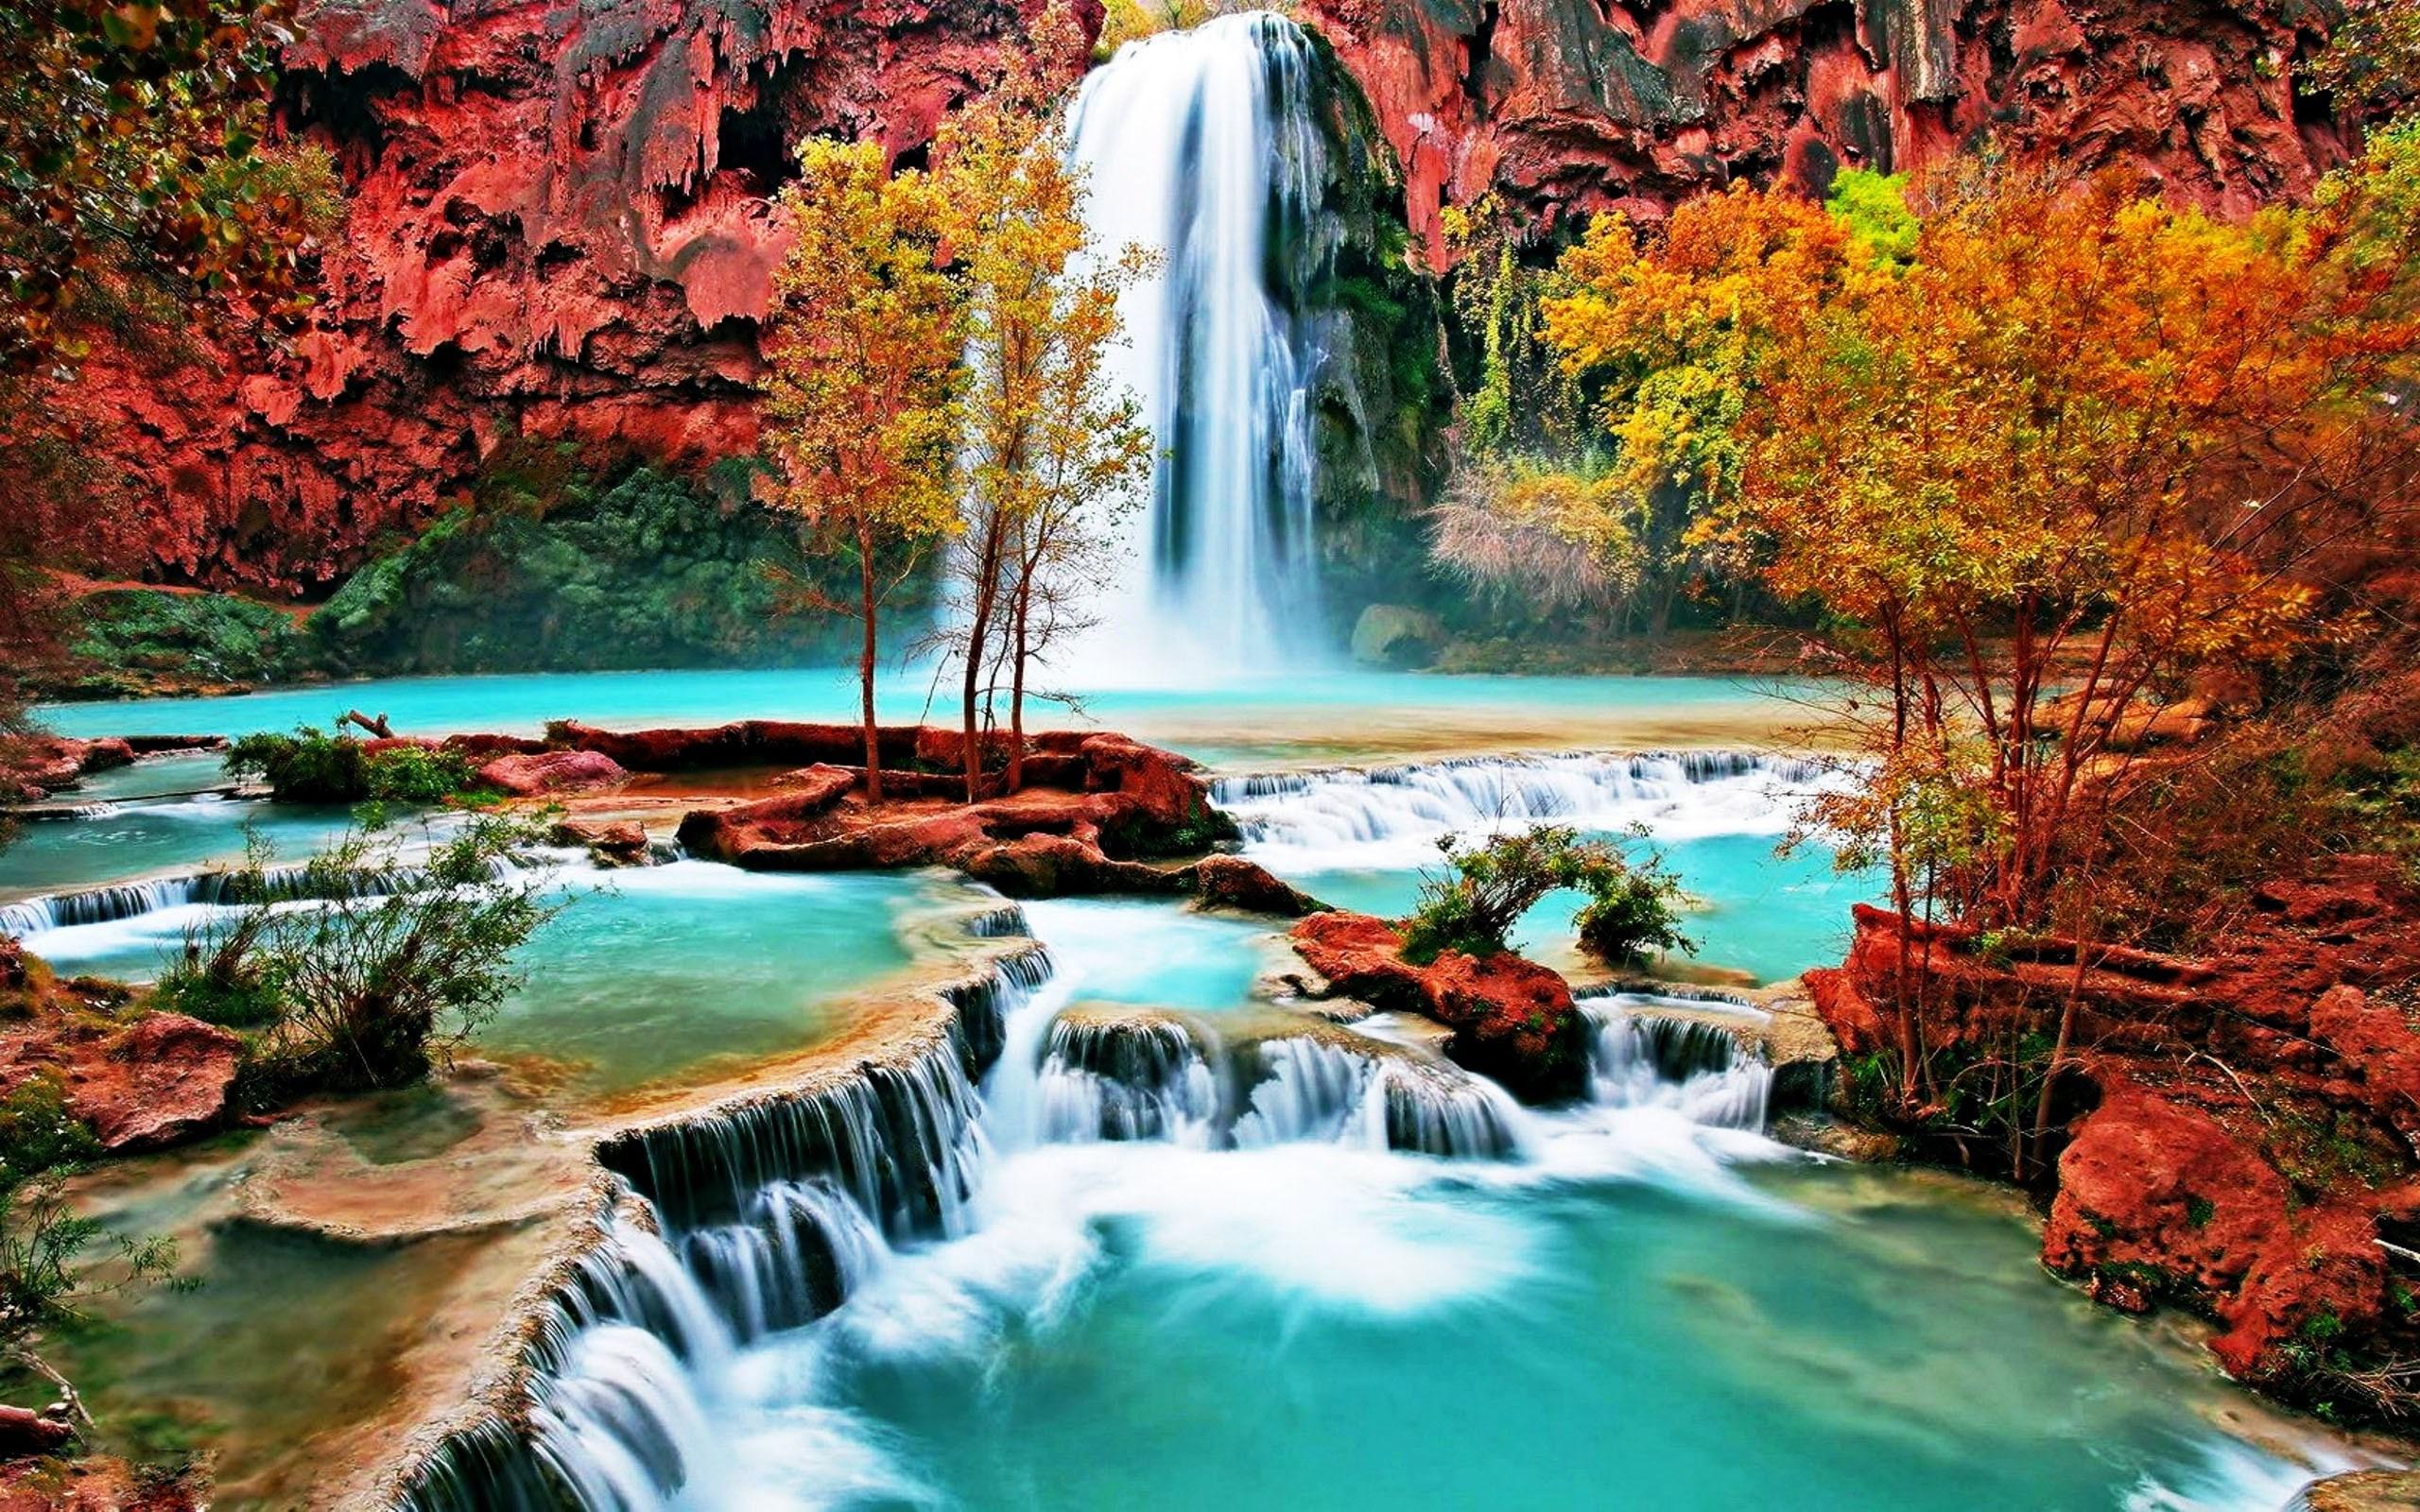 Beautiful nature wallpaper for desktop